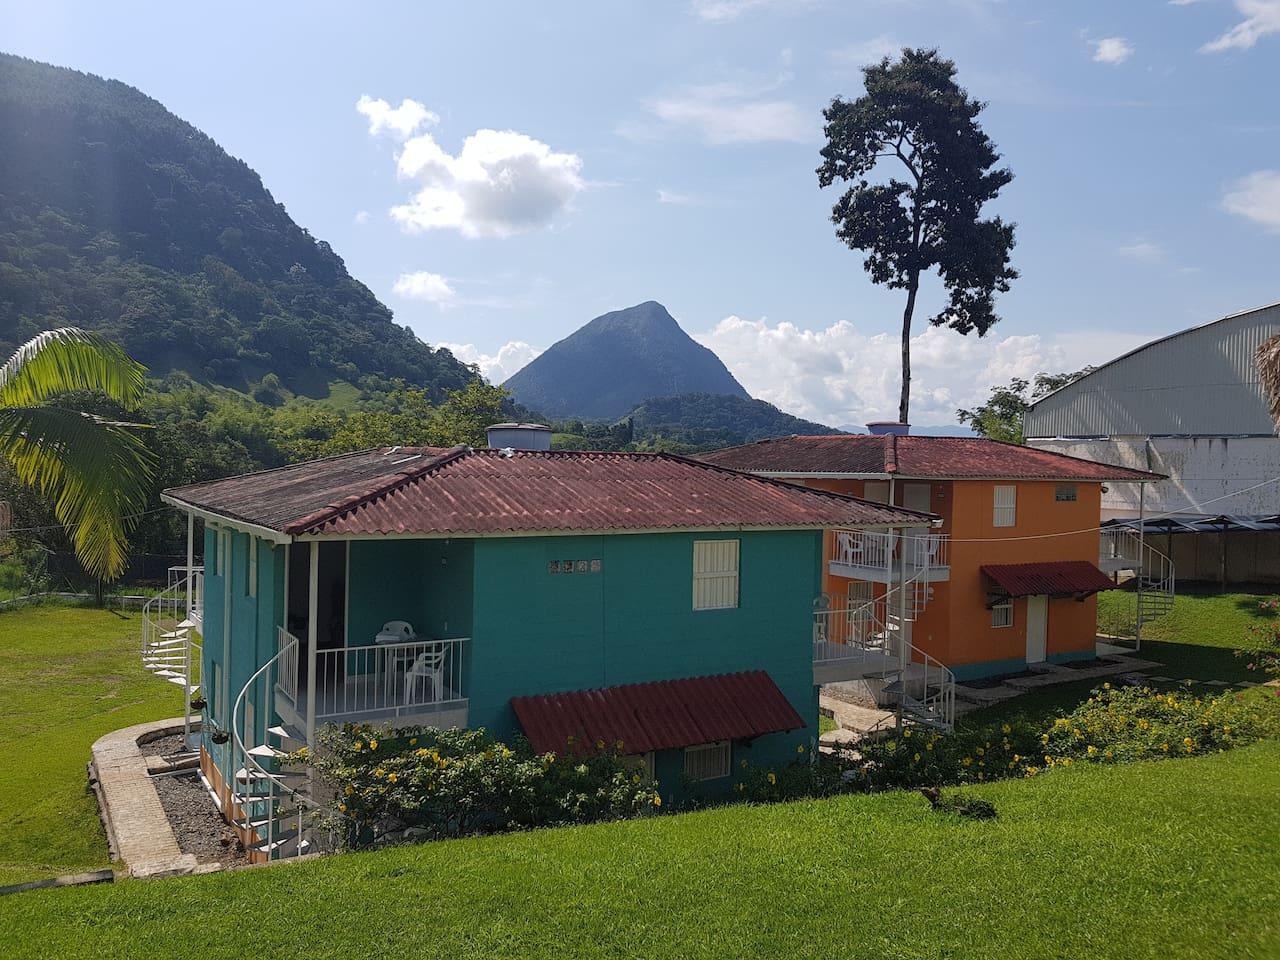 Habitaciones y al fondo Cerro Tusa pirámide natural considerada la más alta del mundo